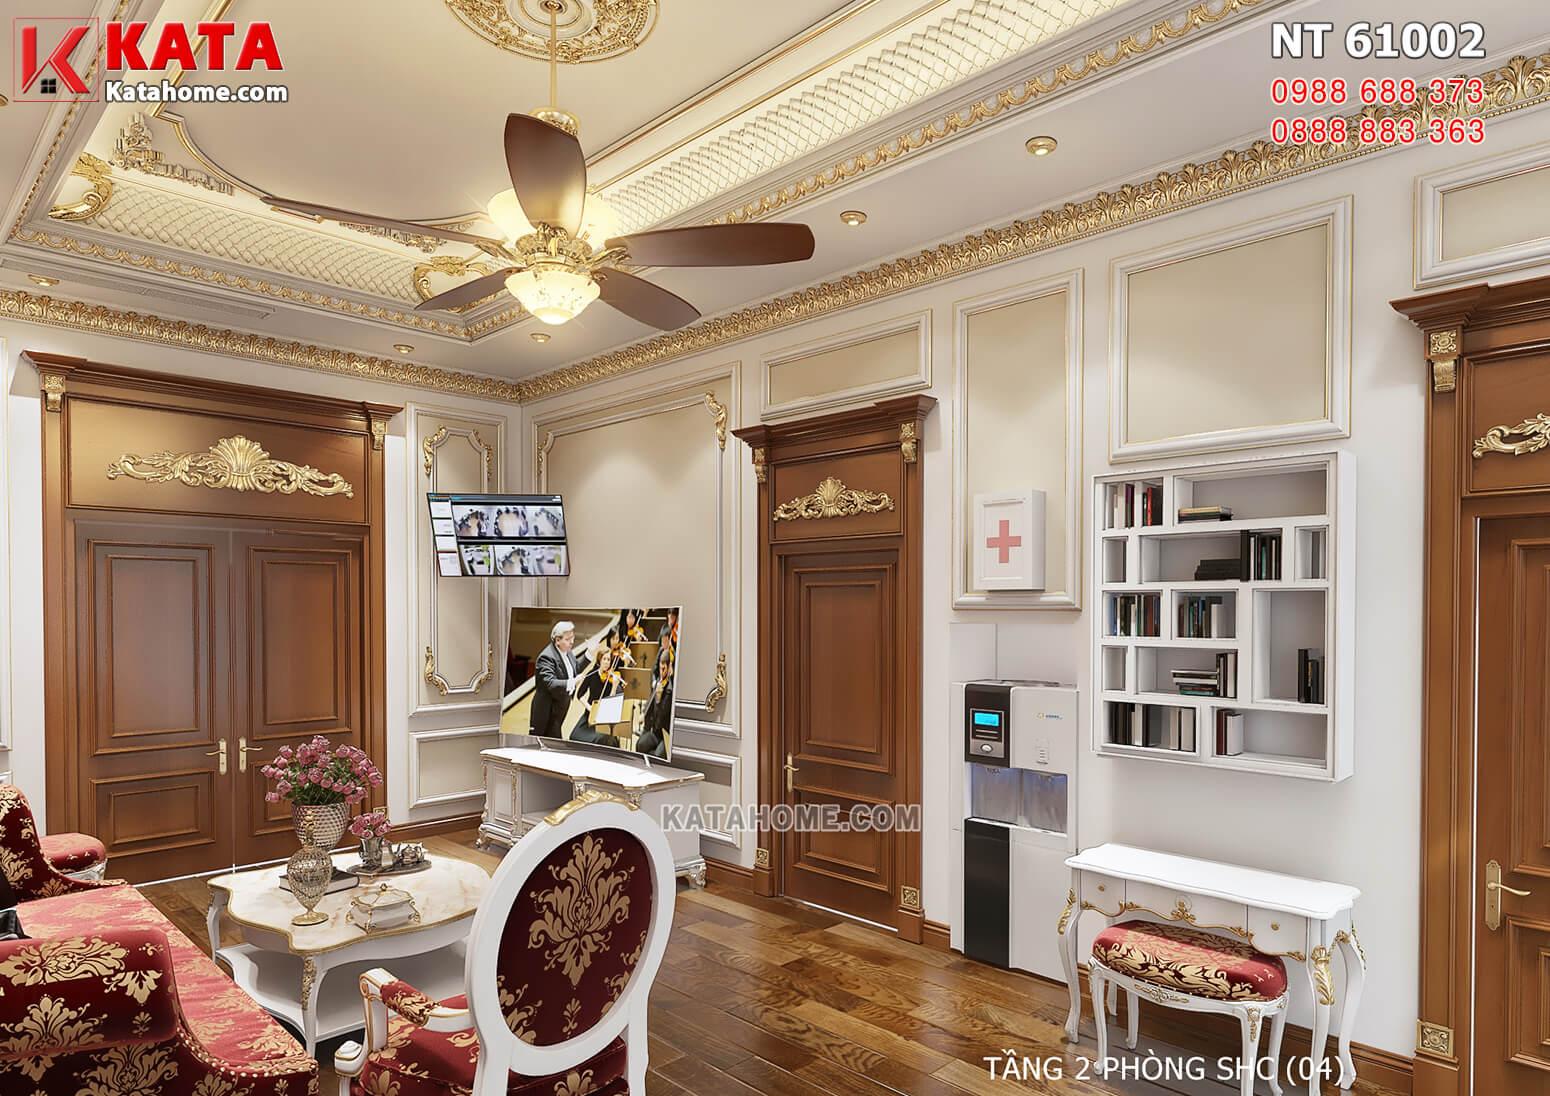 Hình ảnh: Thiết kế nội thất tân cổ điển cho phòng sinh hoạt chung